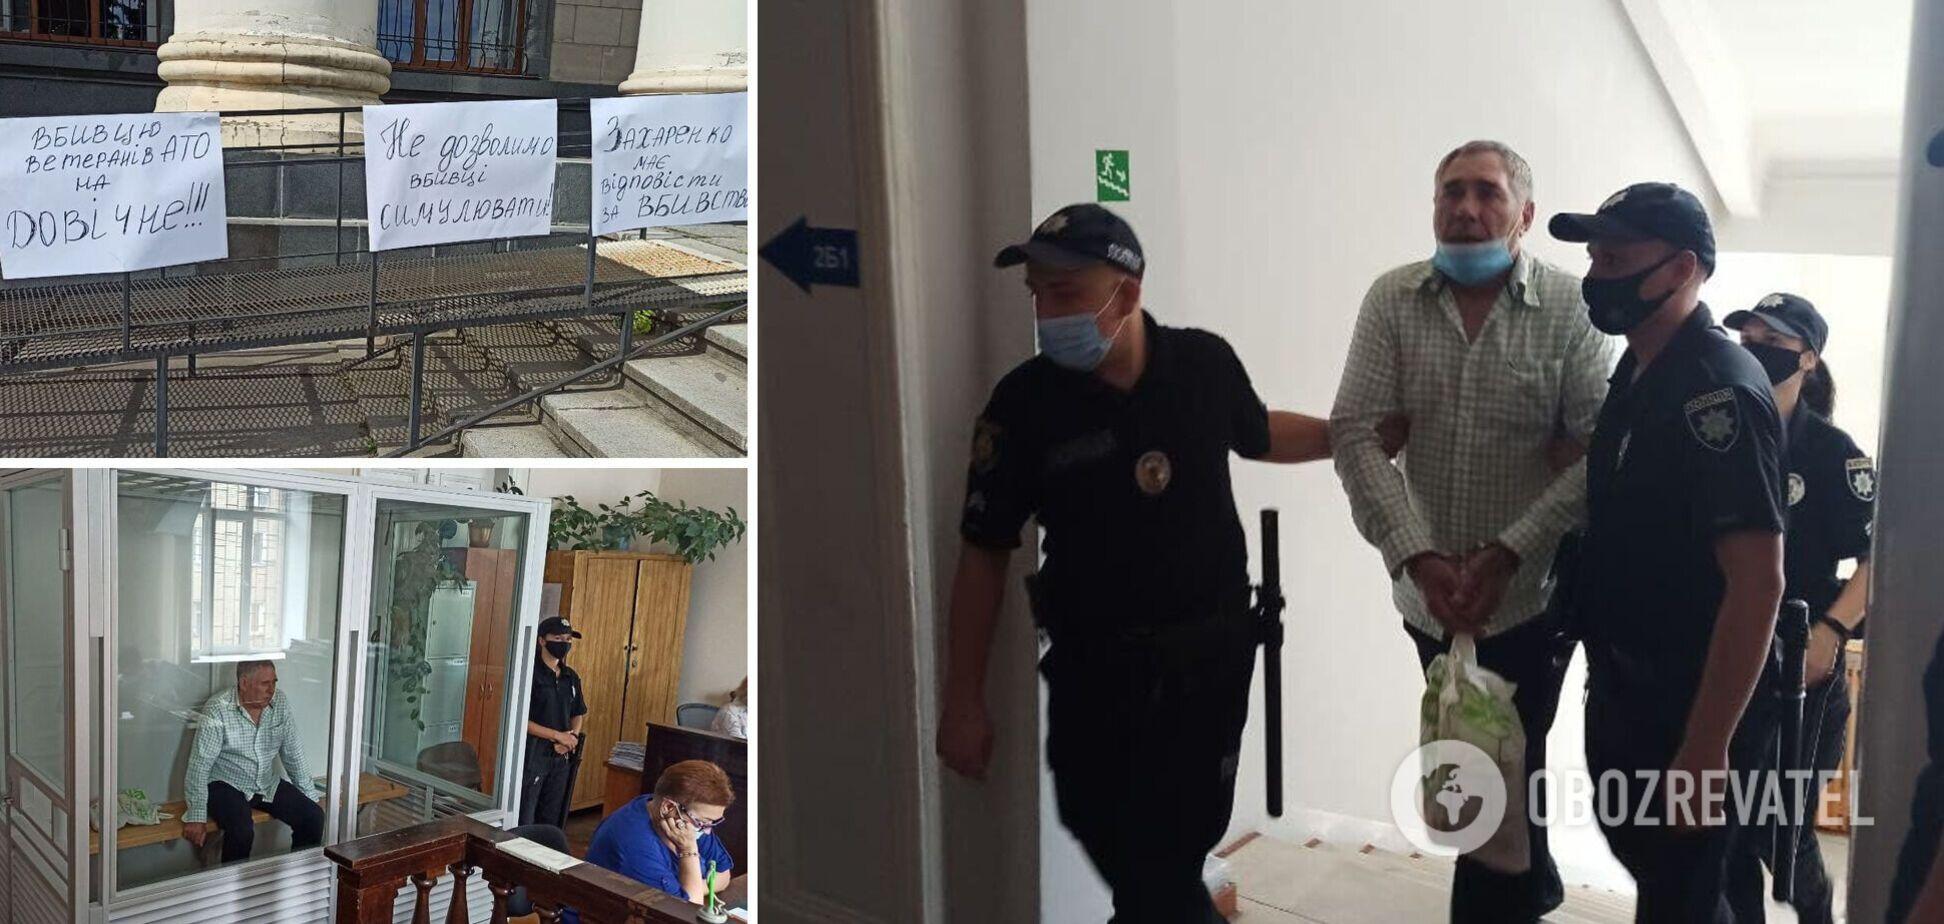 'Житомирського стрільця' привезли до суду. Ексклюзивні подробиці і фото